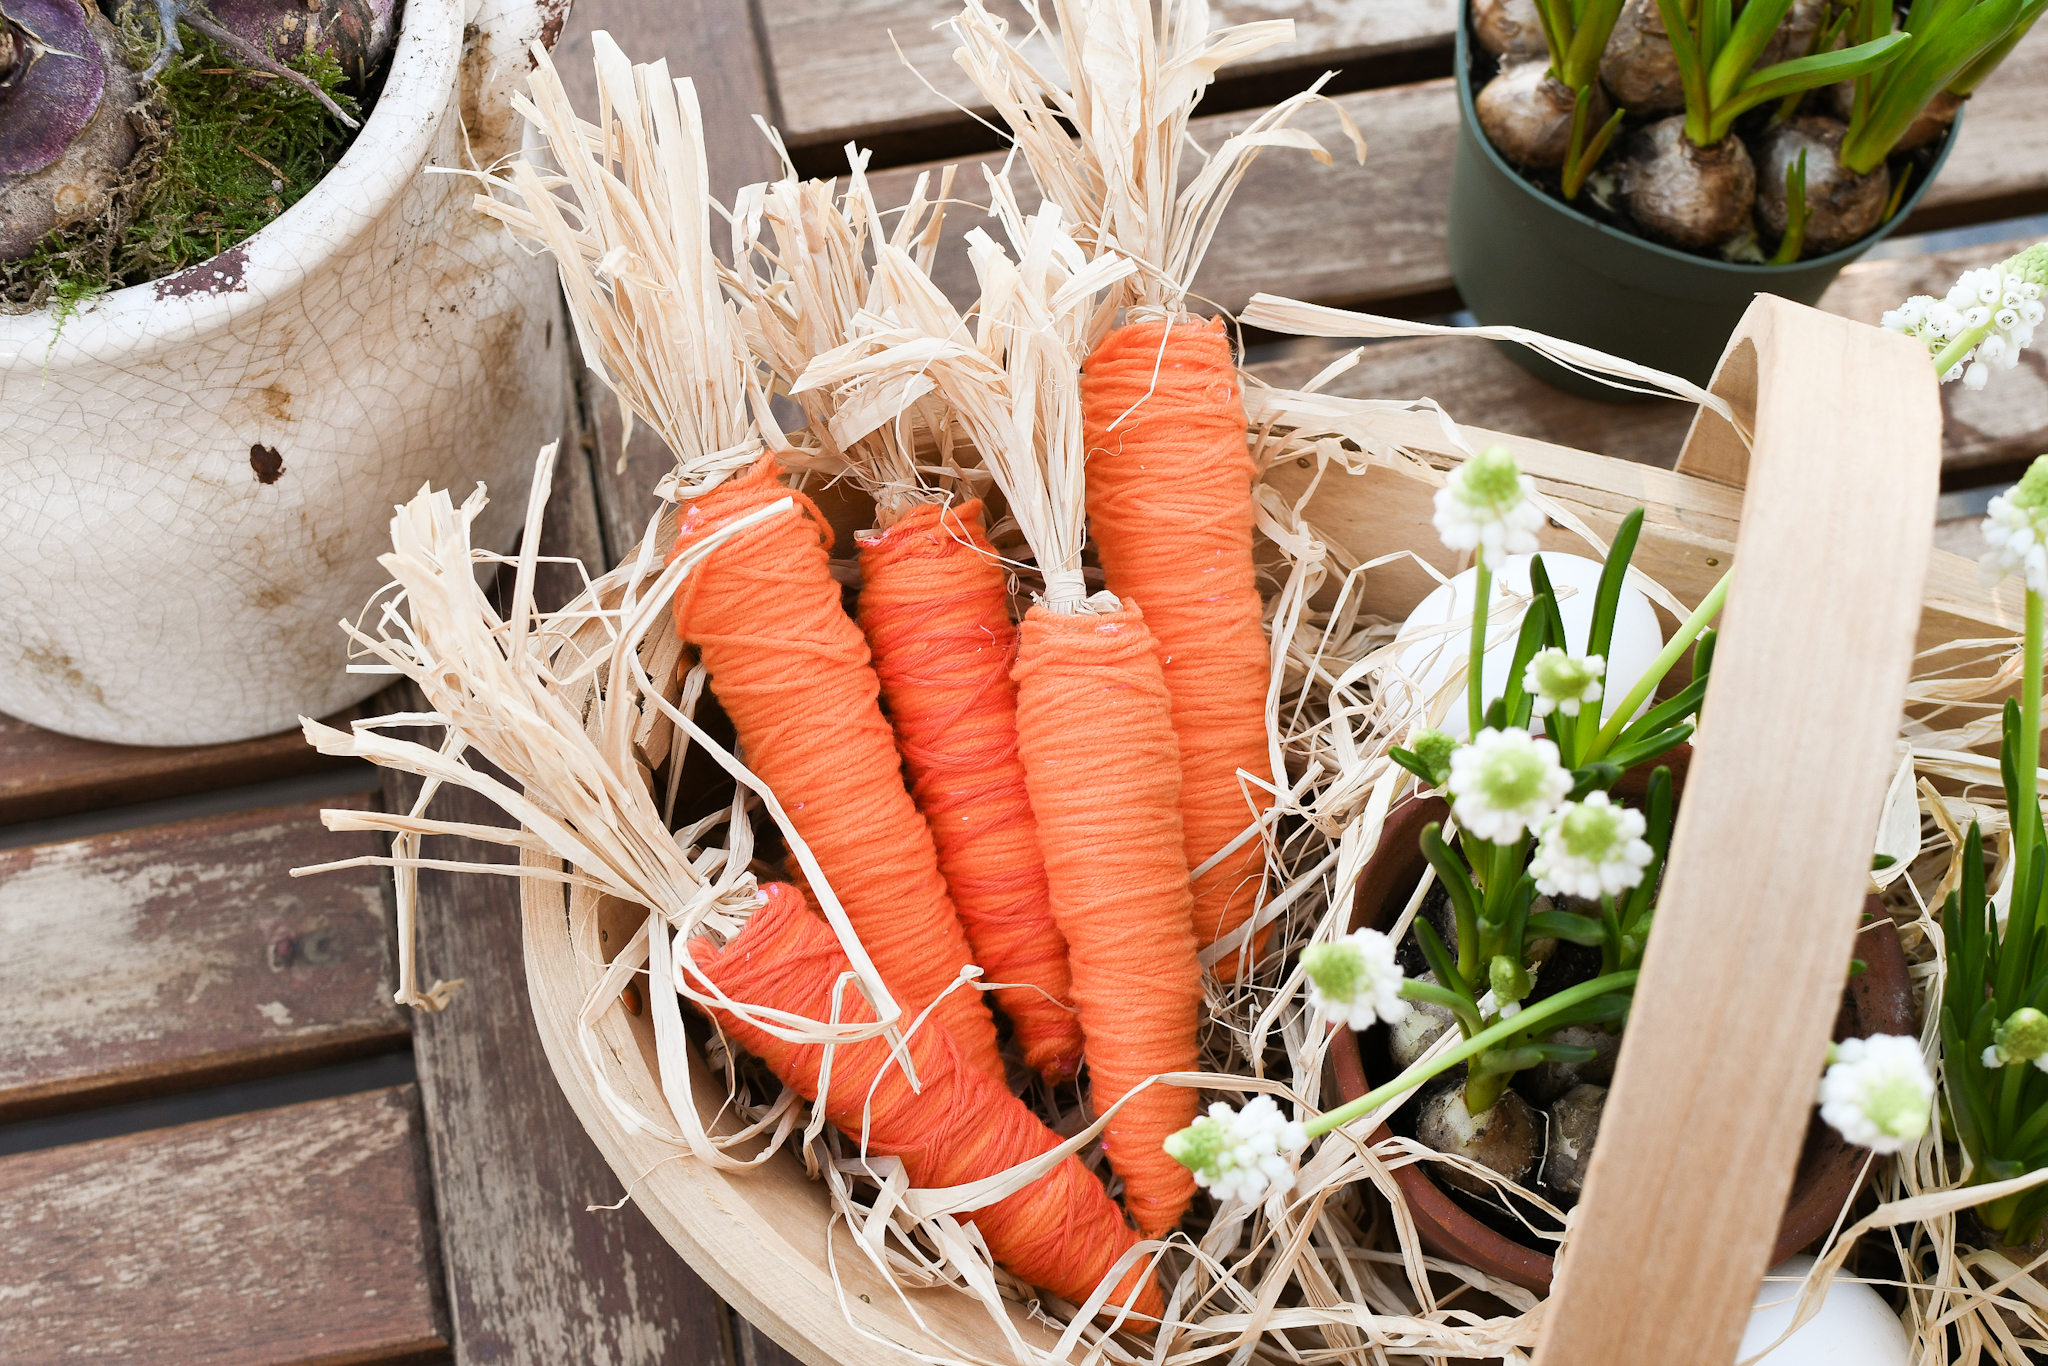 paasdecoratie maken - oranje wortels